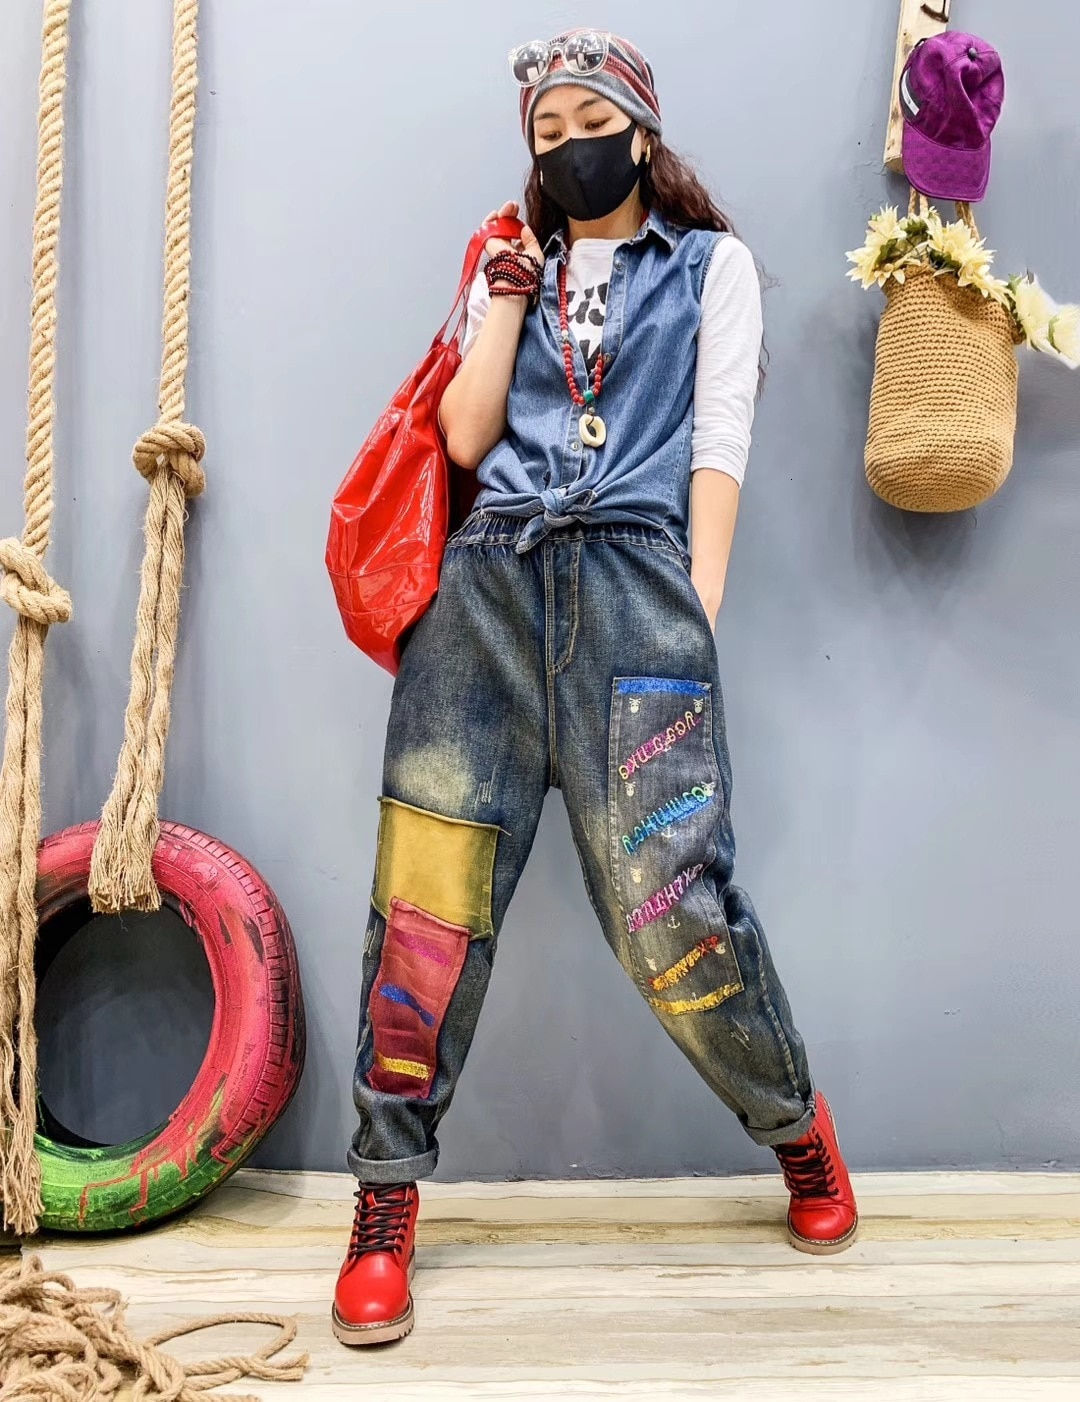 بنطلون جينز نسائي ملون ، بنطلون فضفاض مرن ، تصميم كوري فاخر ، بانك ، مجموعة خريف 2020 LT009S30